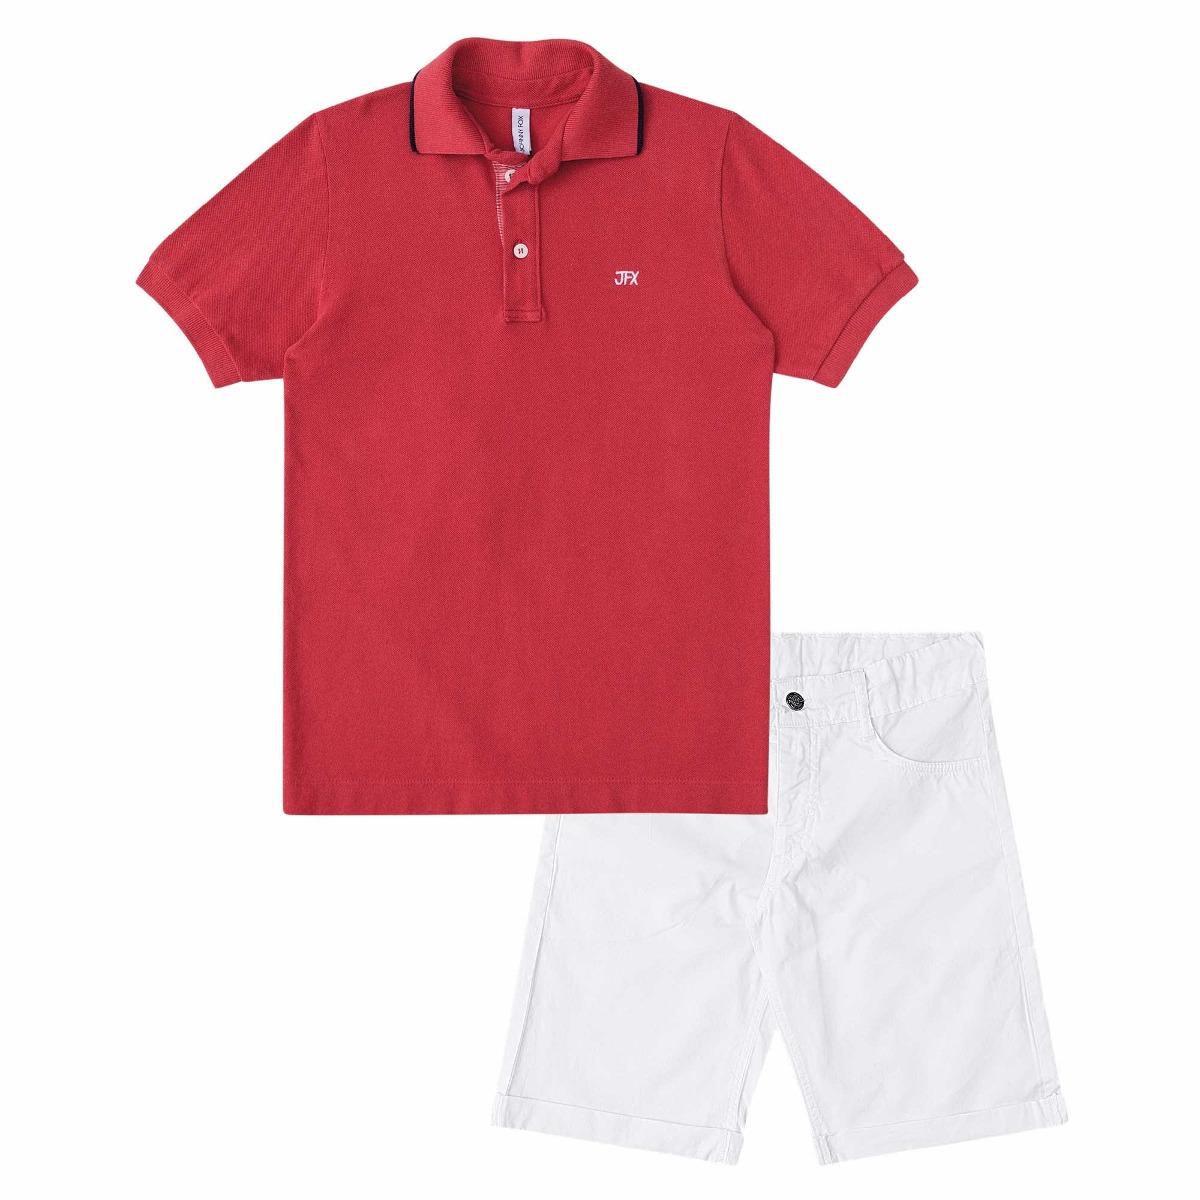 conjunto menino camisa polo vermelha e bermuda branca johnny. Carregando  zoom. 6175866ed9770